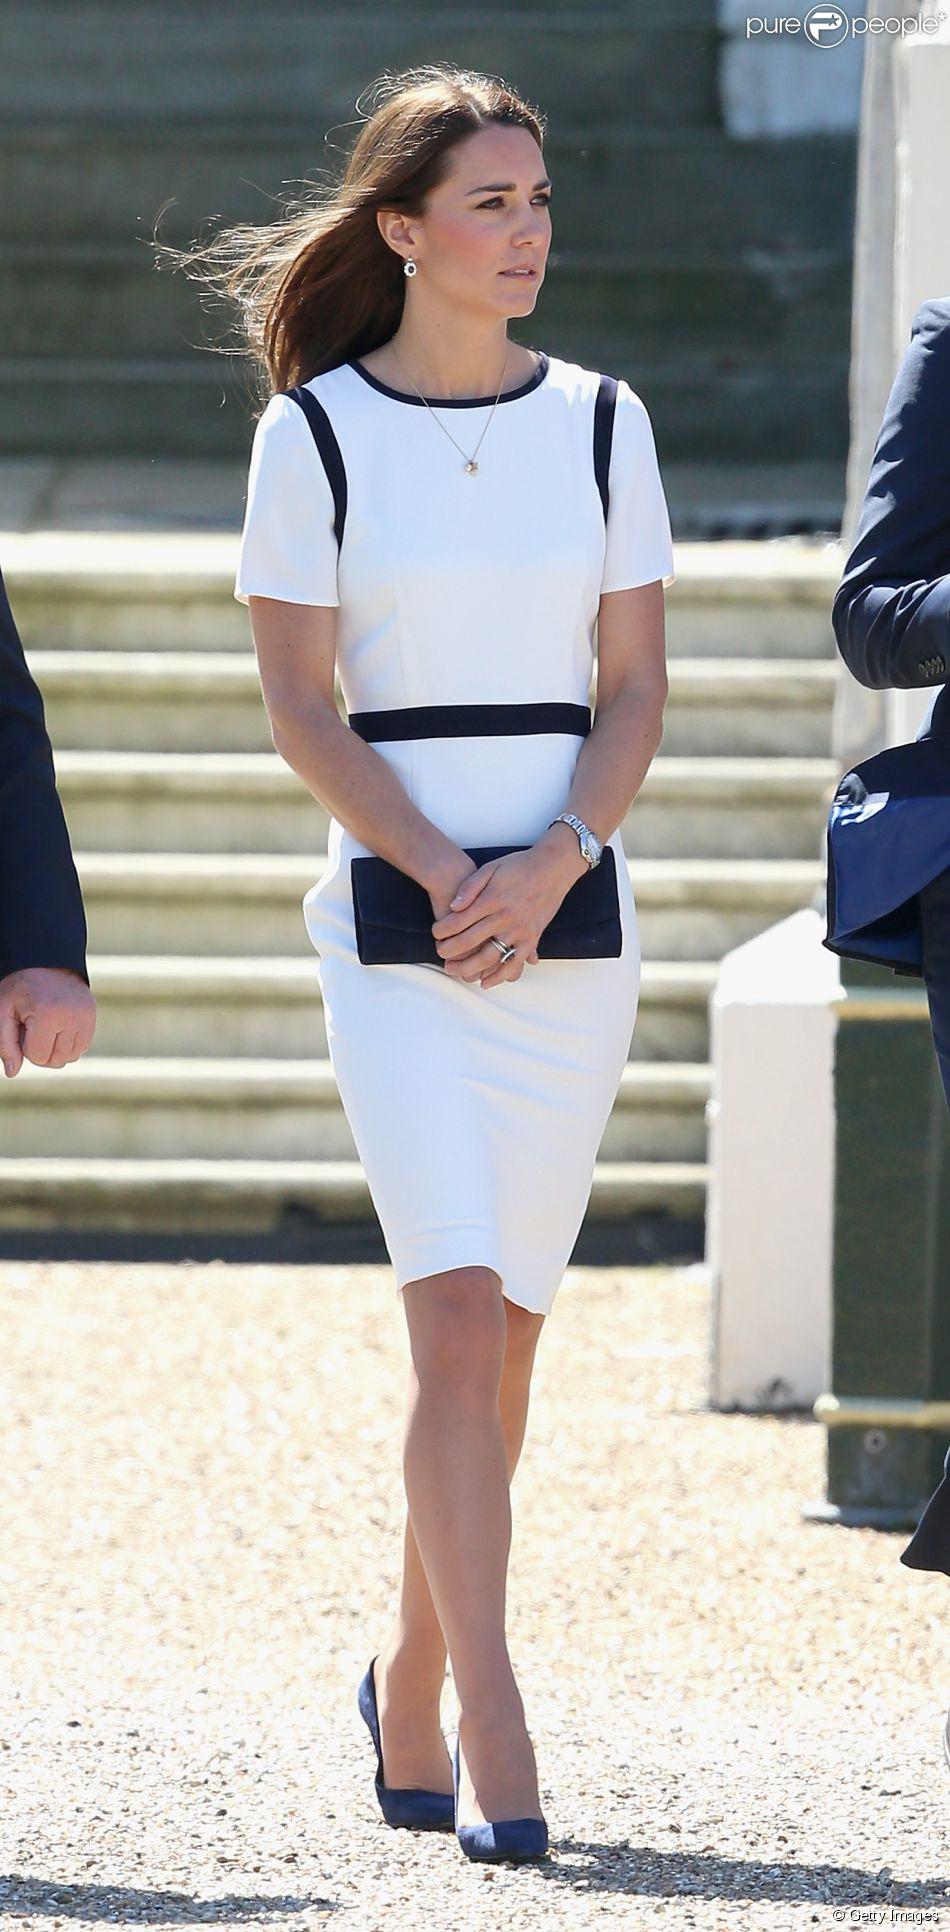 Kate Middleton aposta em vestido de liquidação durante evento em Londres 10 de junho de 2014